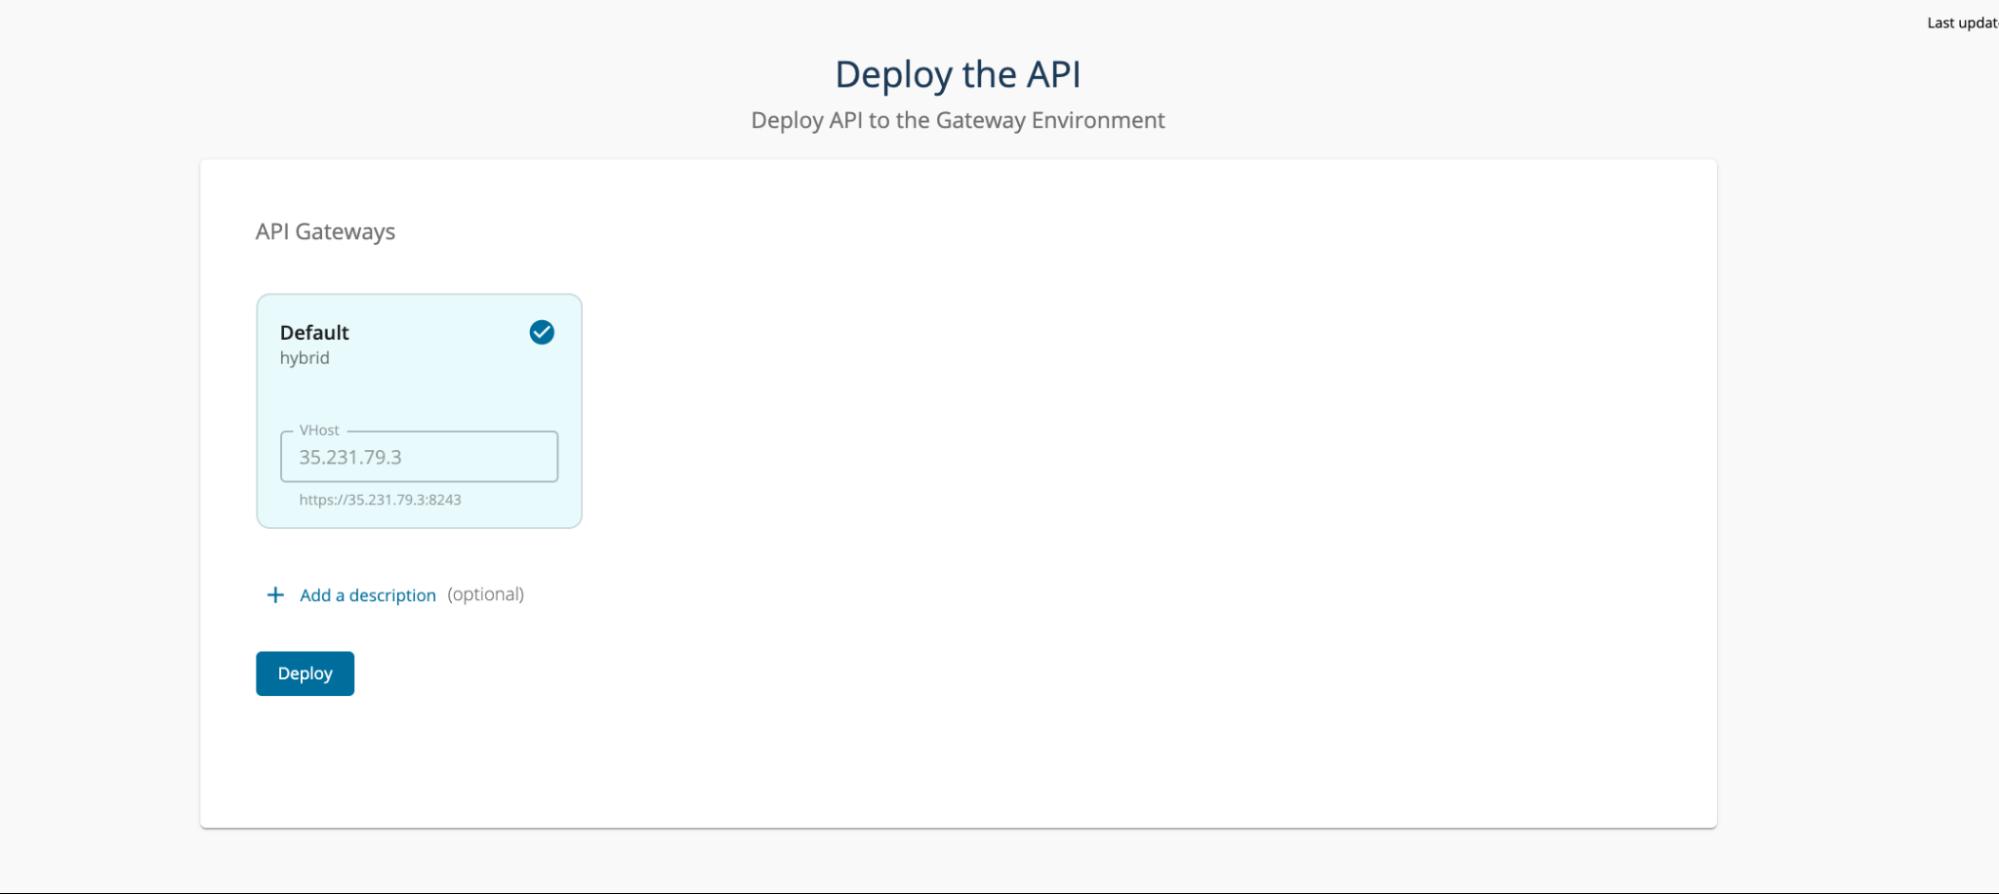 Deploy API